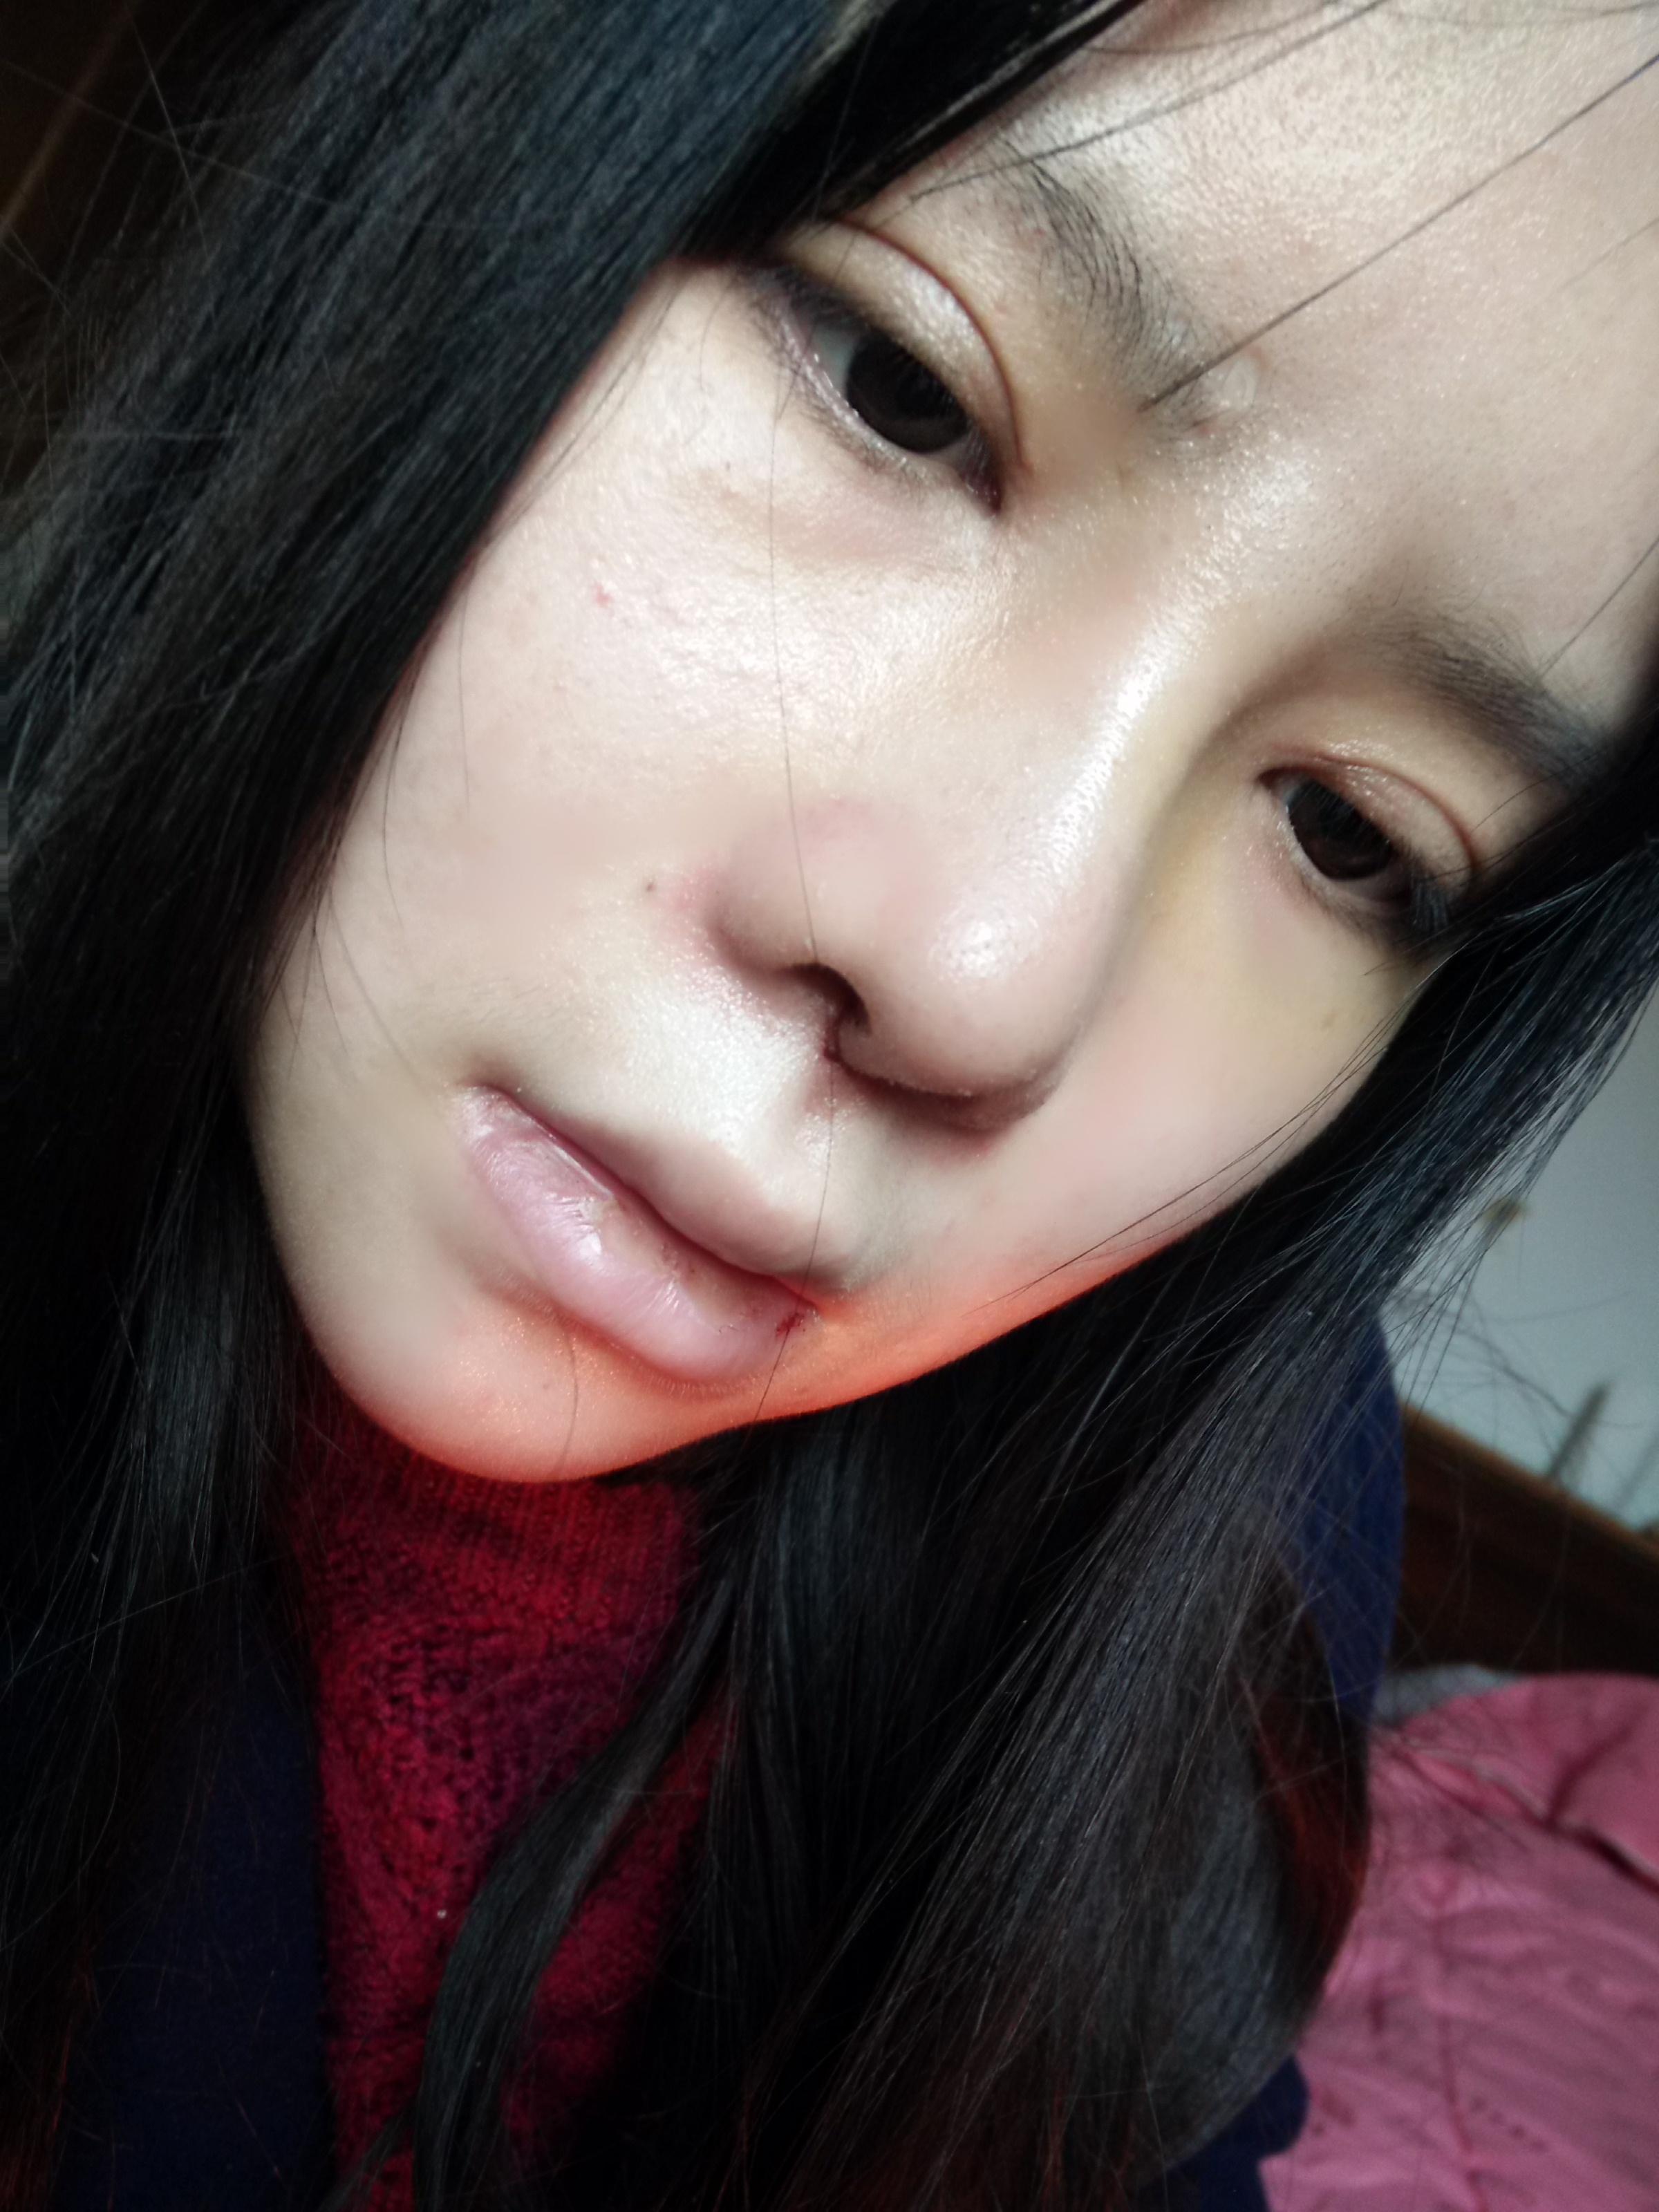 硅胶假体植入隆鼻+鼻翼缩小+肥厚鼻尖整形